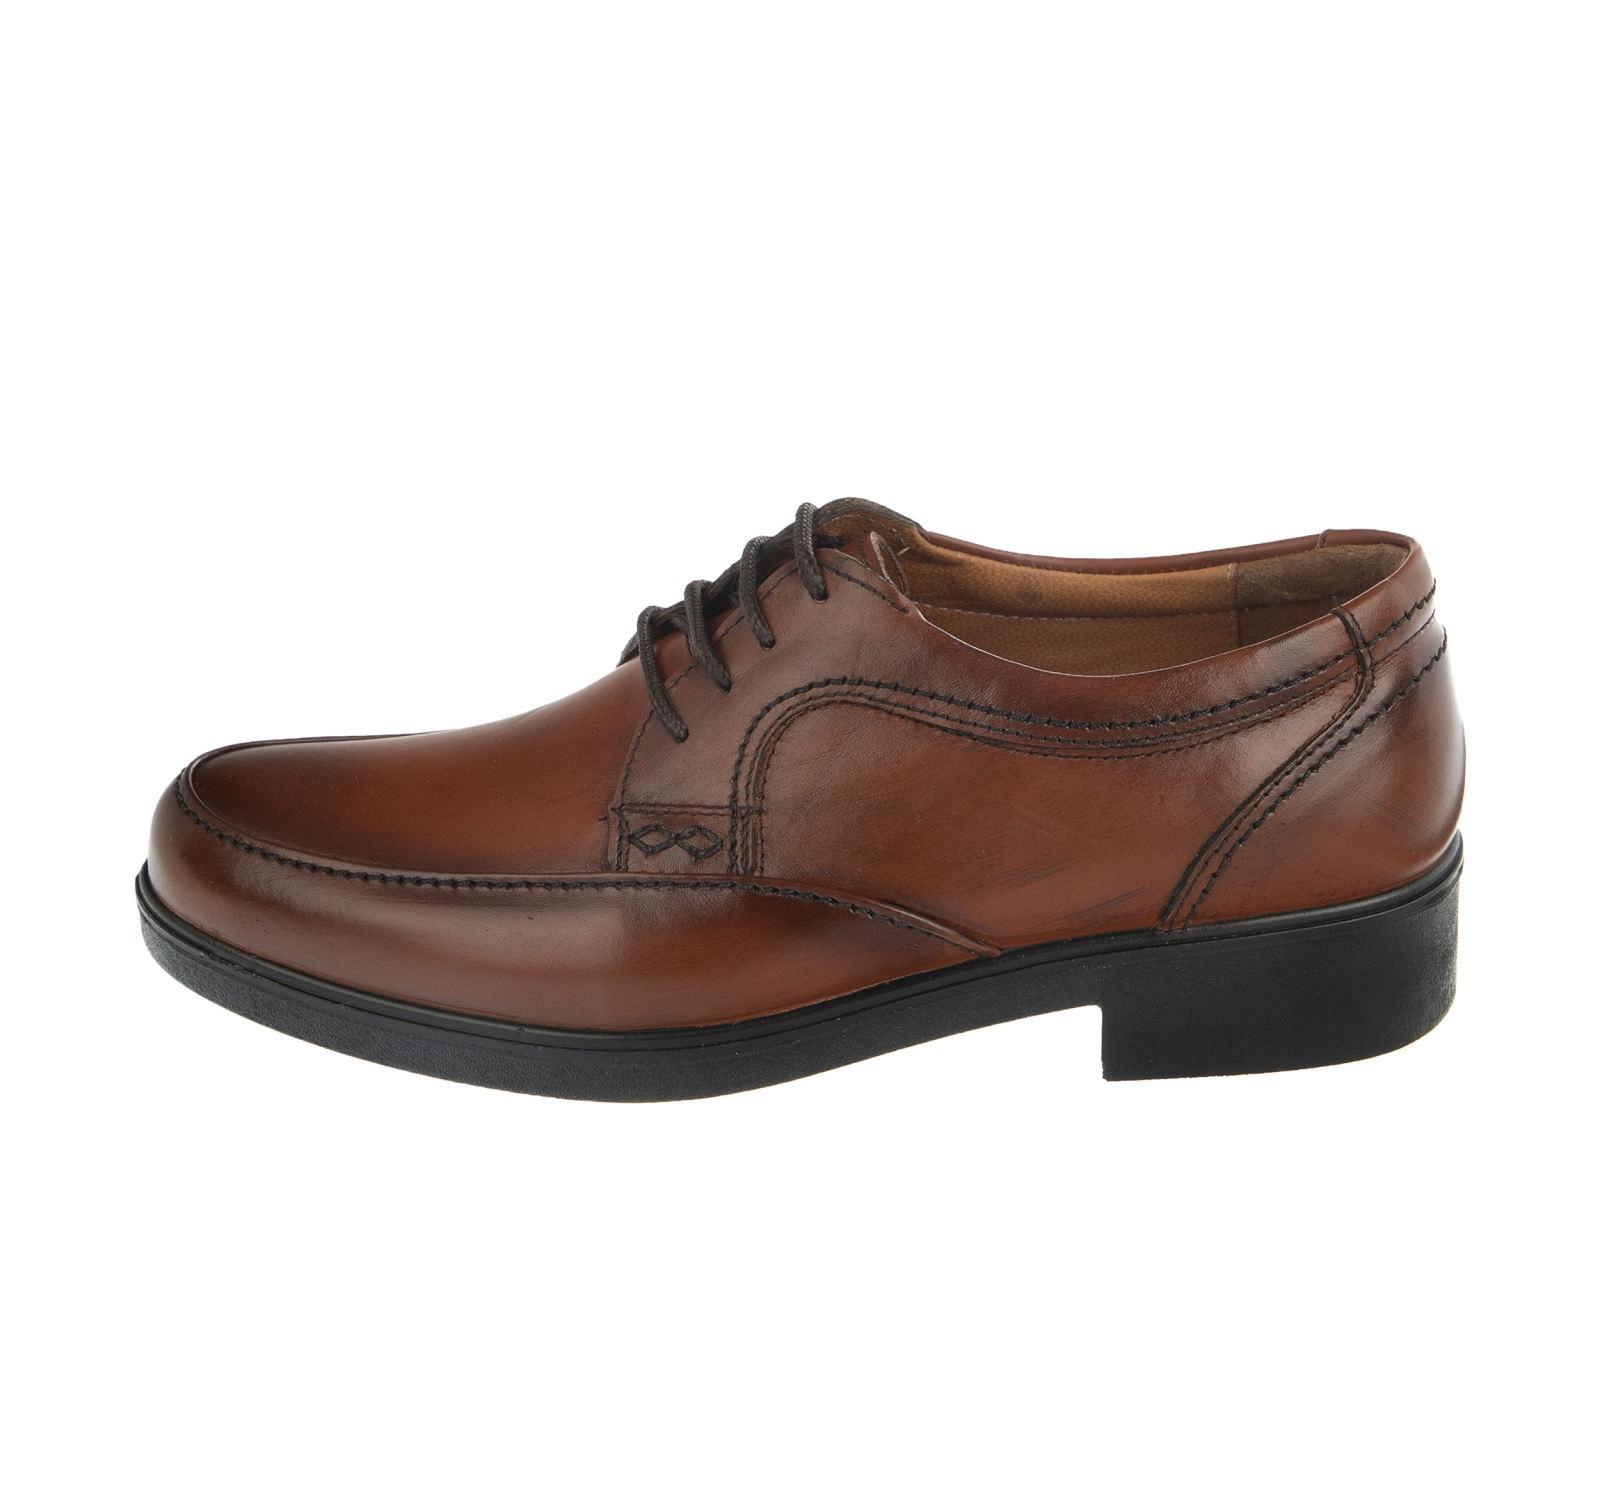 کفش مردانه طبی مجلسی کد 1213